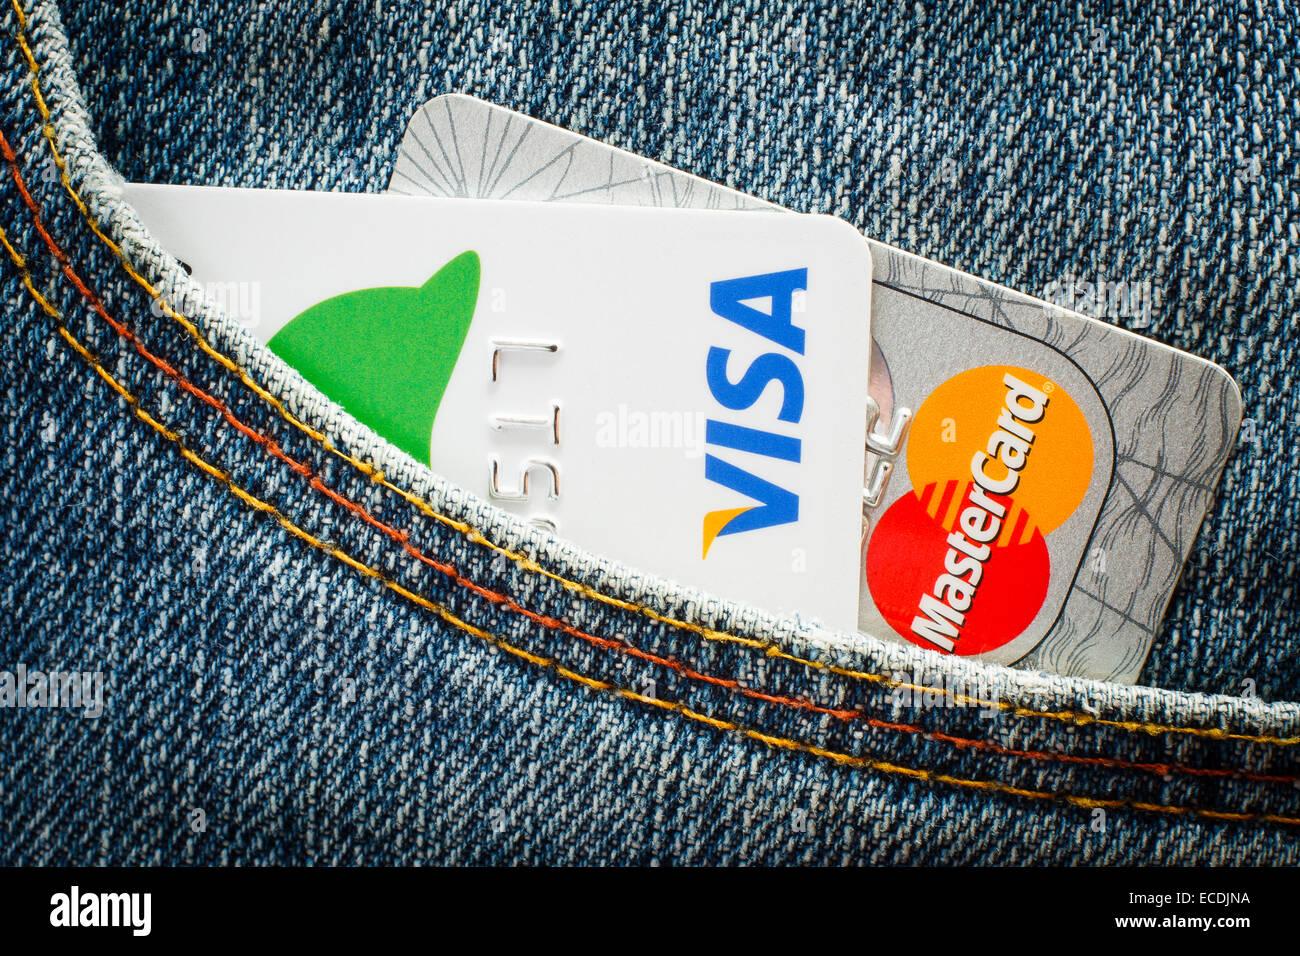 DANZIG, POLEN - 10. JULI 2014. Visacard und Mastercard Karte in Jeans-Tasche. Nur zur redaktionellen Verwendung Stockbild